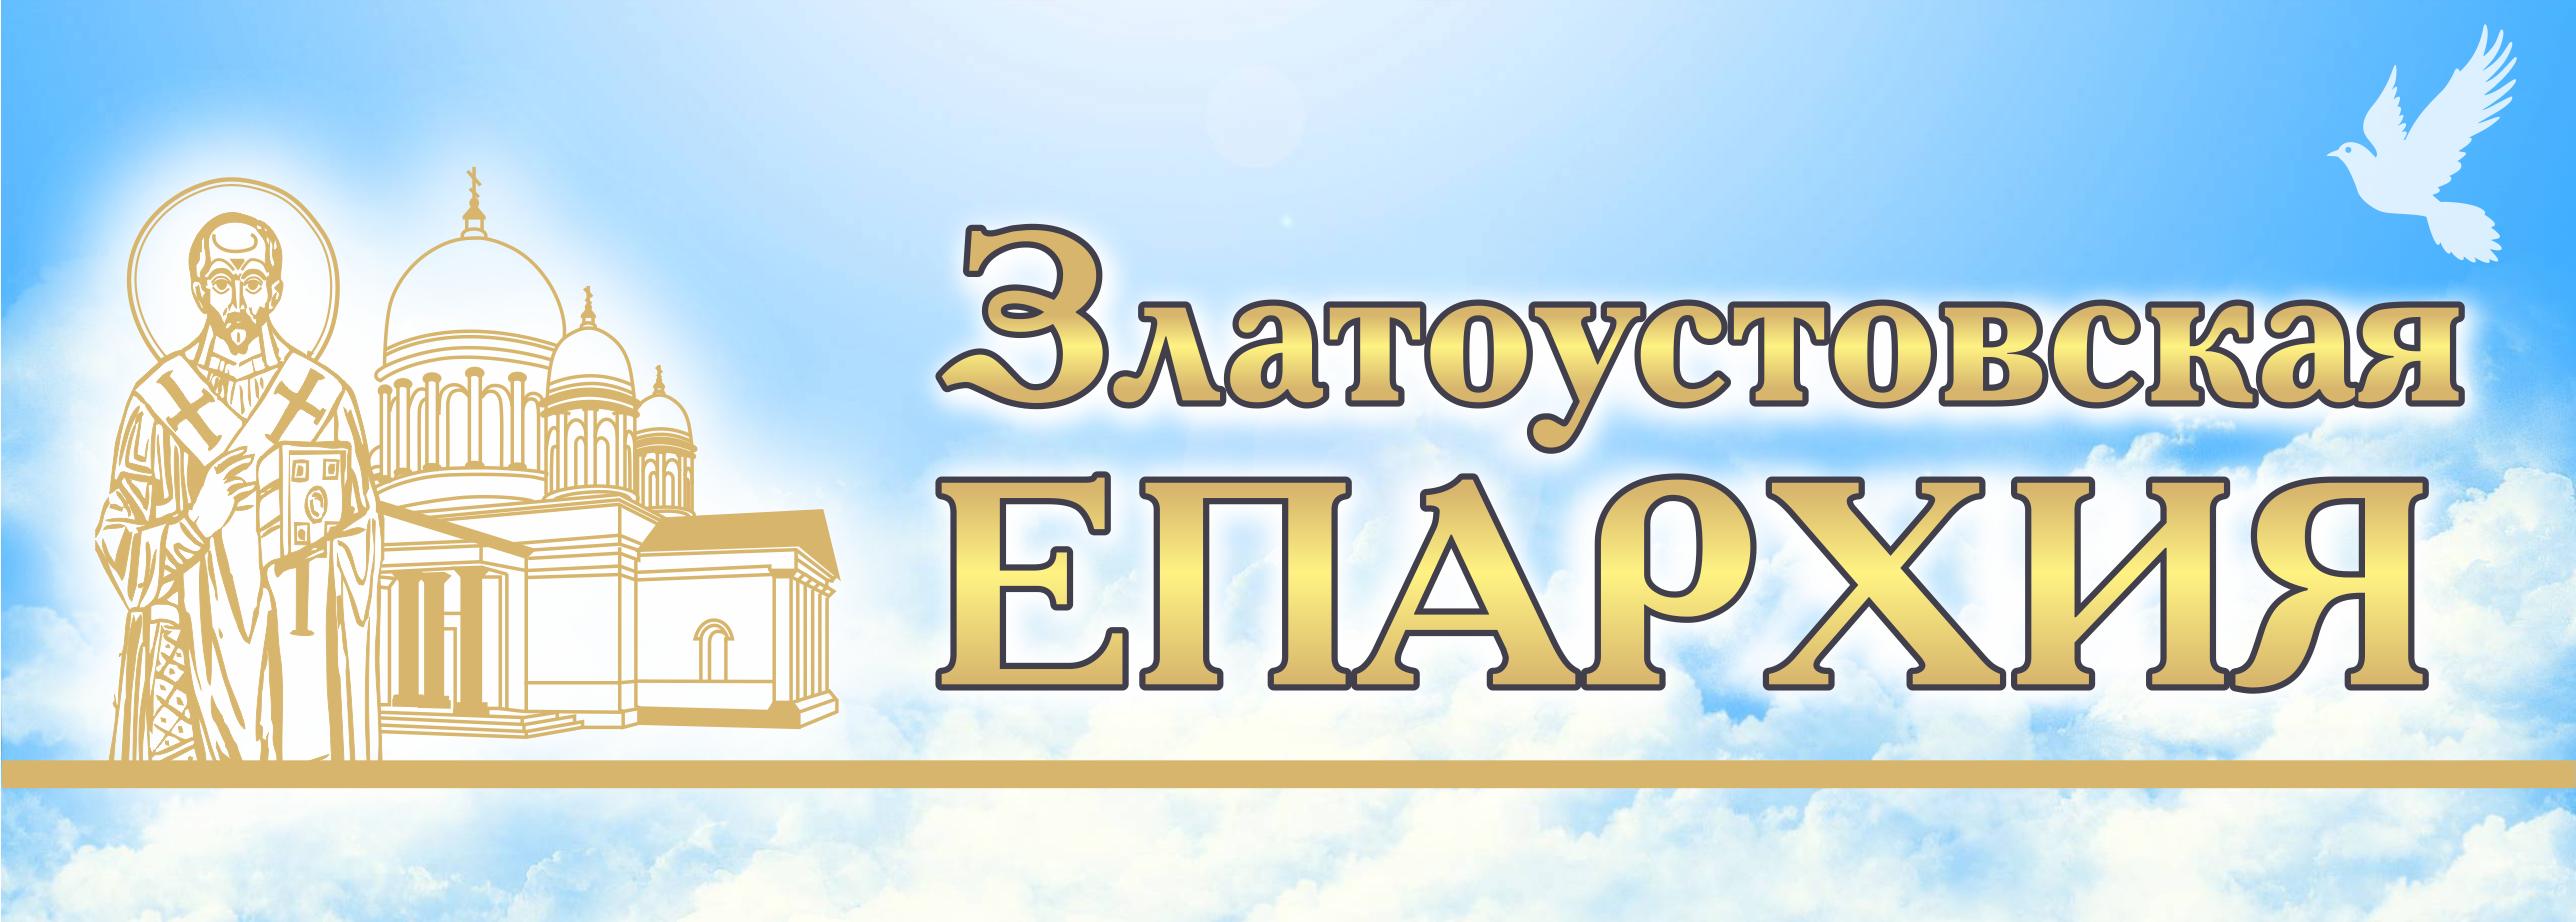 Официальный сайт Златоустовской епархии